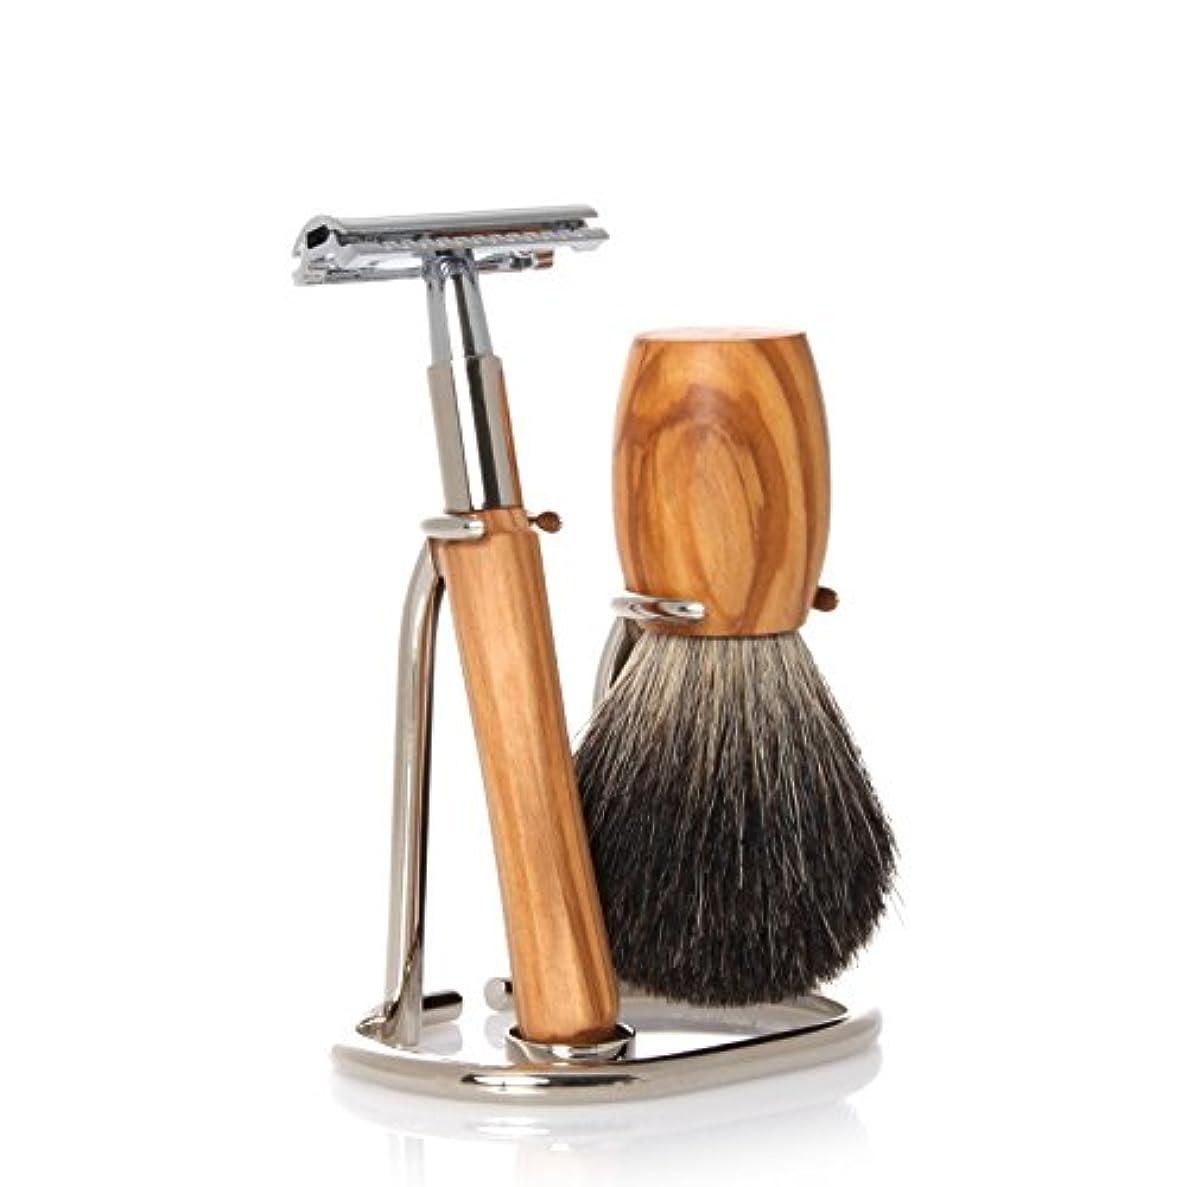 件名大陸打倒GOLDDACHS Shaving Set, Safety razor, 100% badger hair, olive wood